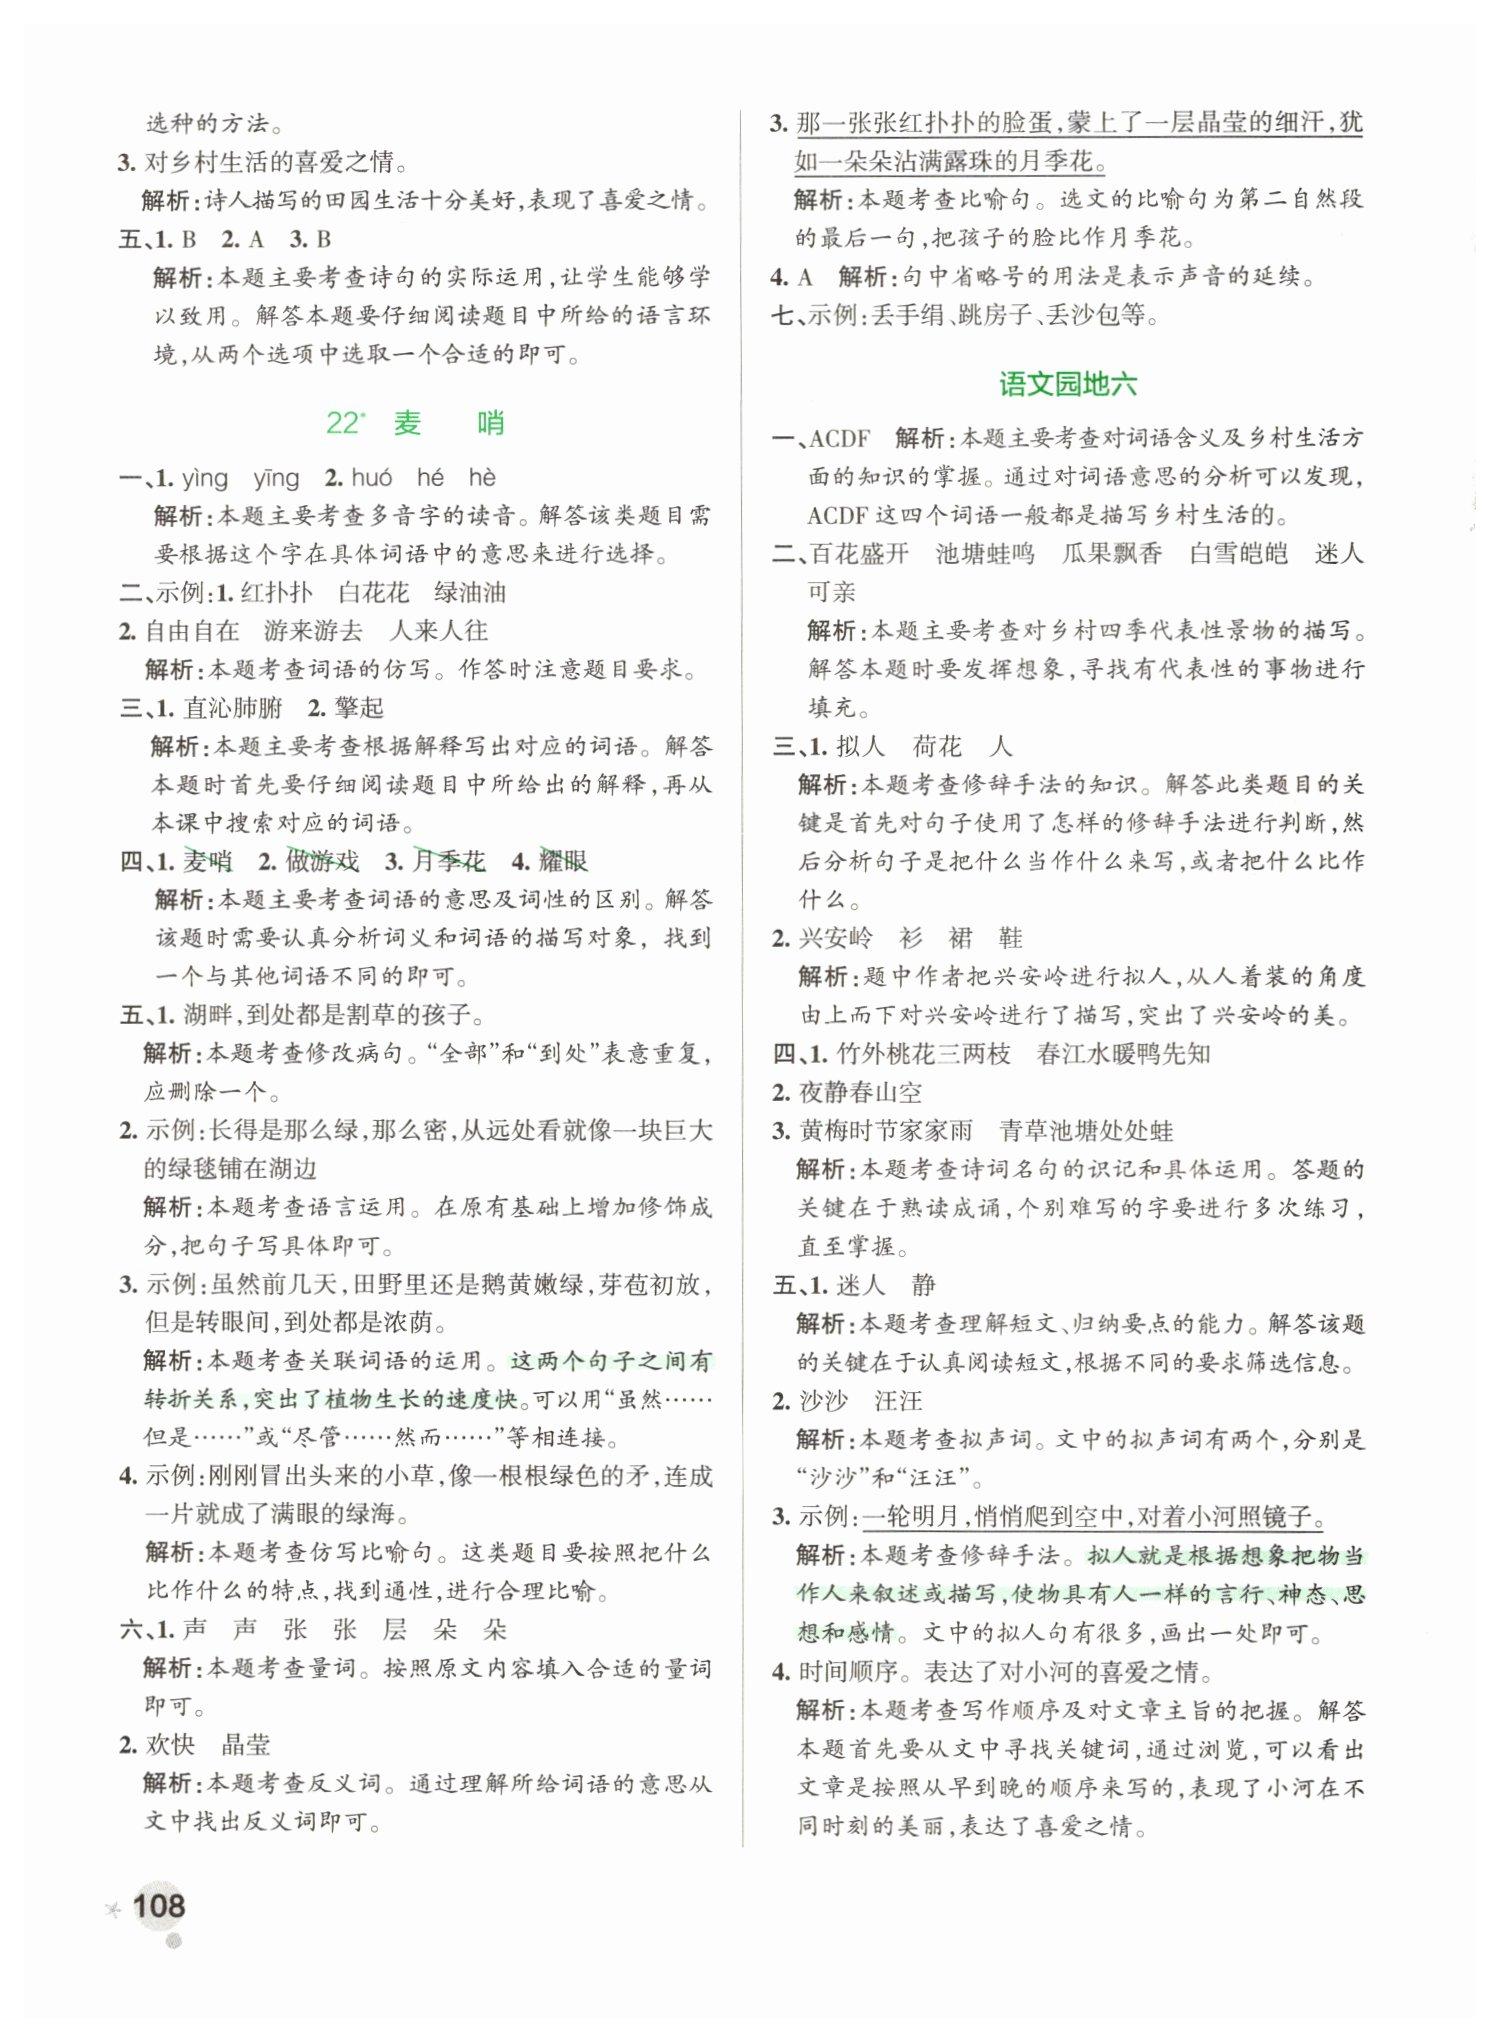 2019年语文学霸作业本四课件小学人教小学版上册一下册拼音年级年级语文图片